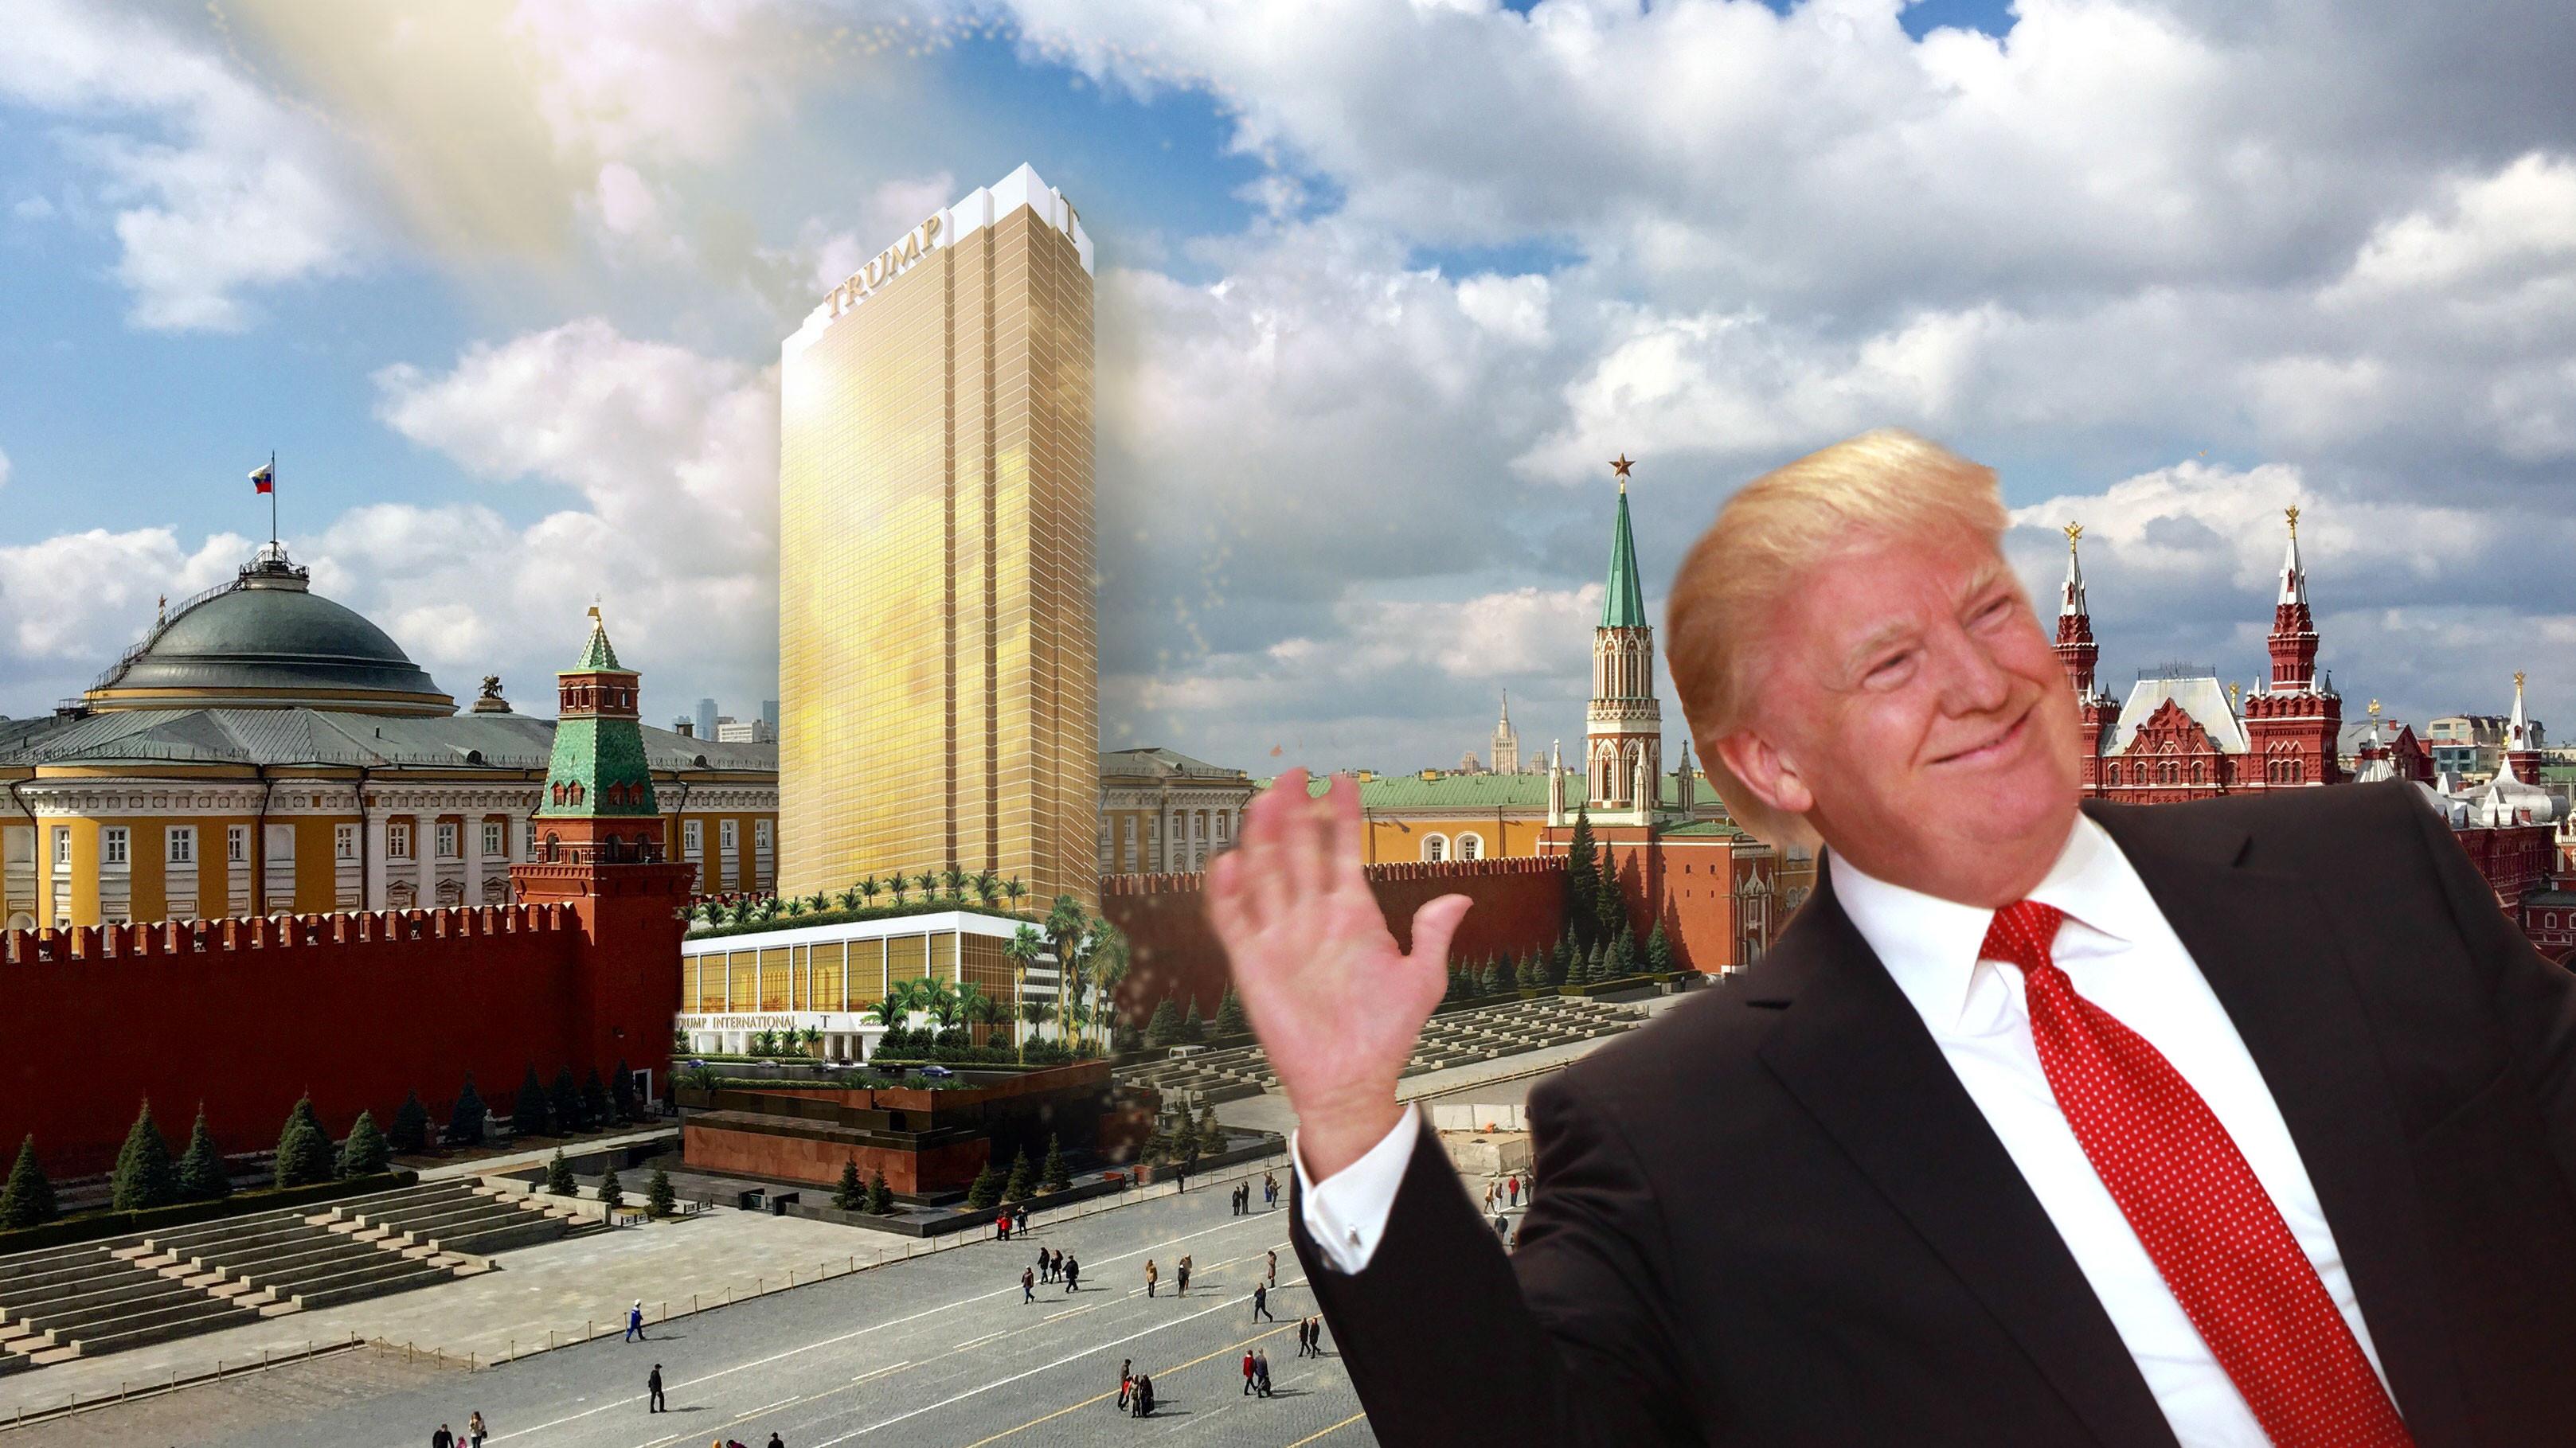 Небоскребы Дональда Трампа: фото, история, архитектура